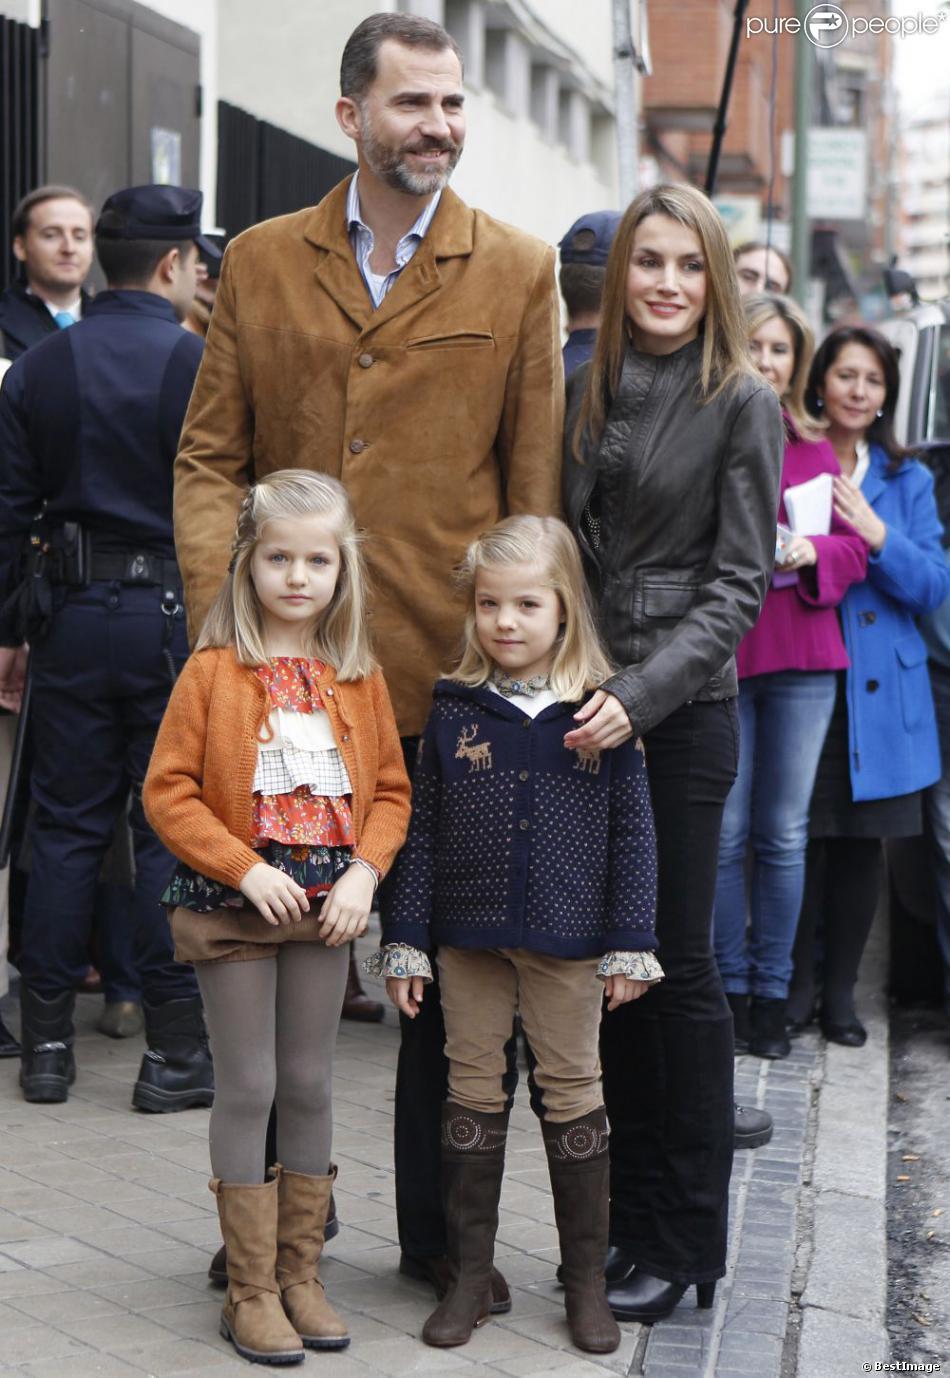 Le prince Felipe et la princesse Letizia d'Espagne, avec leurs filles Leonor et Sofia, visitaient le 25 novembre 2012 à l'hôpital Quiron San José de Madrid le roi Juan Carlos Ier après son arthroplastie à la hanche gauche.